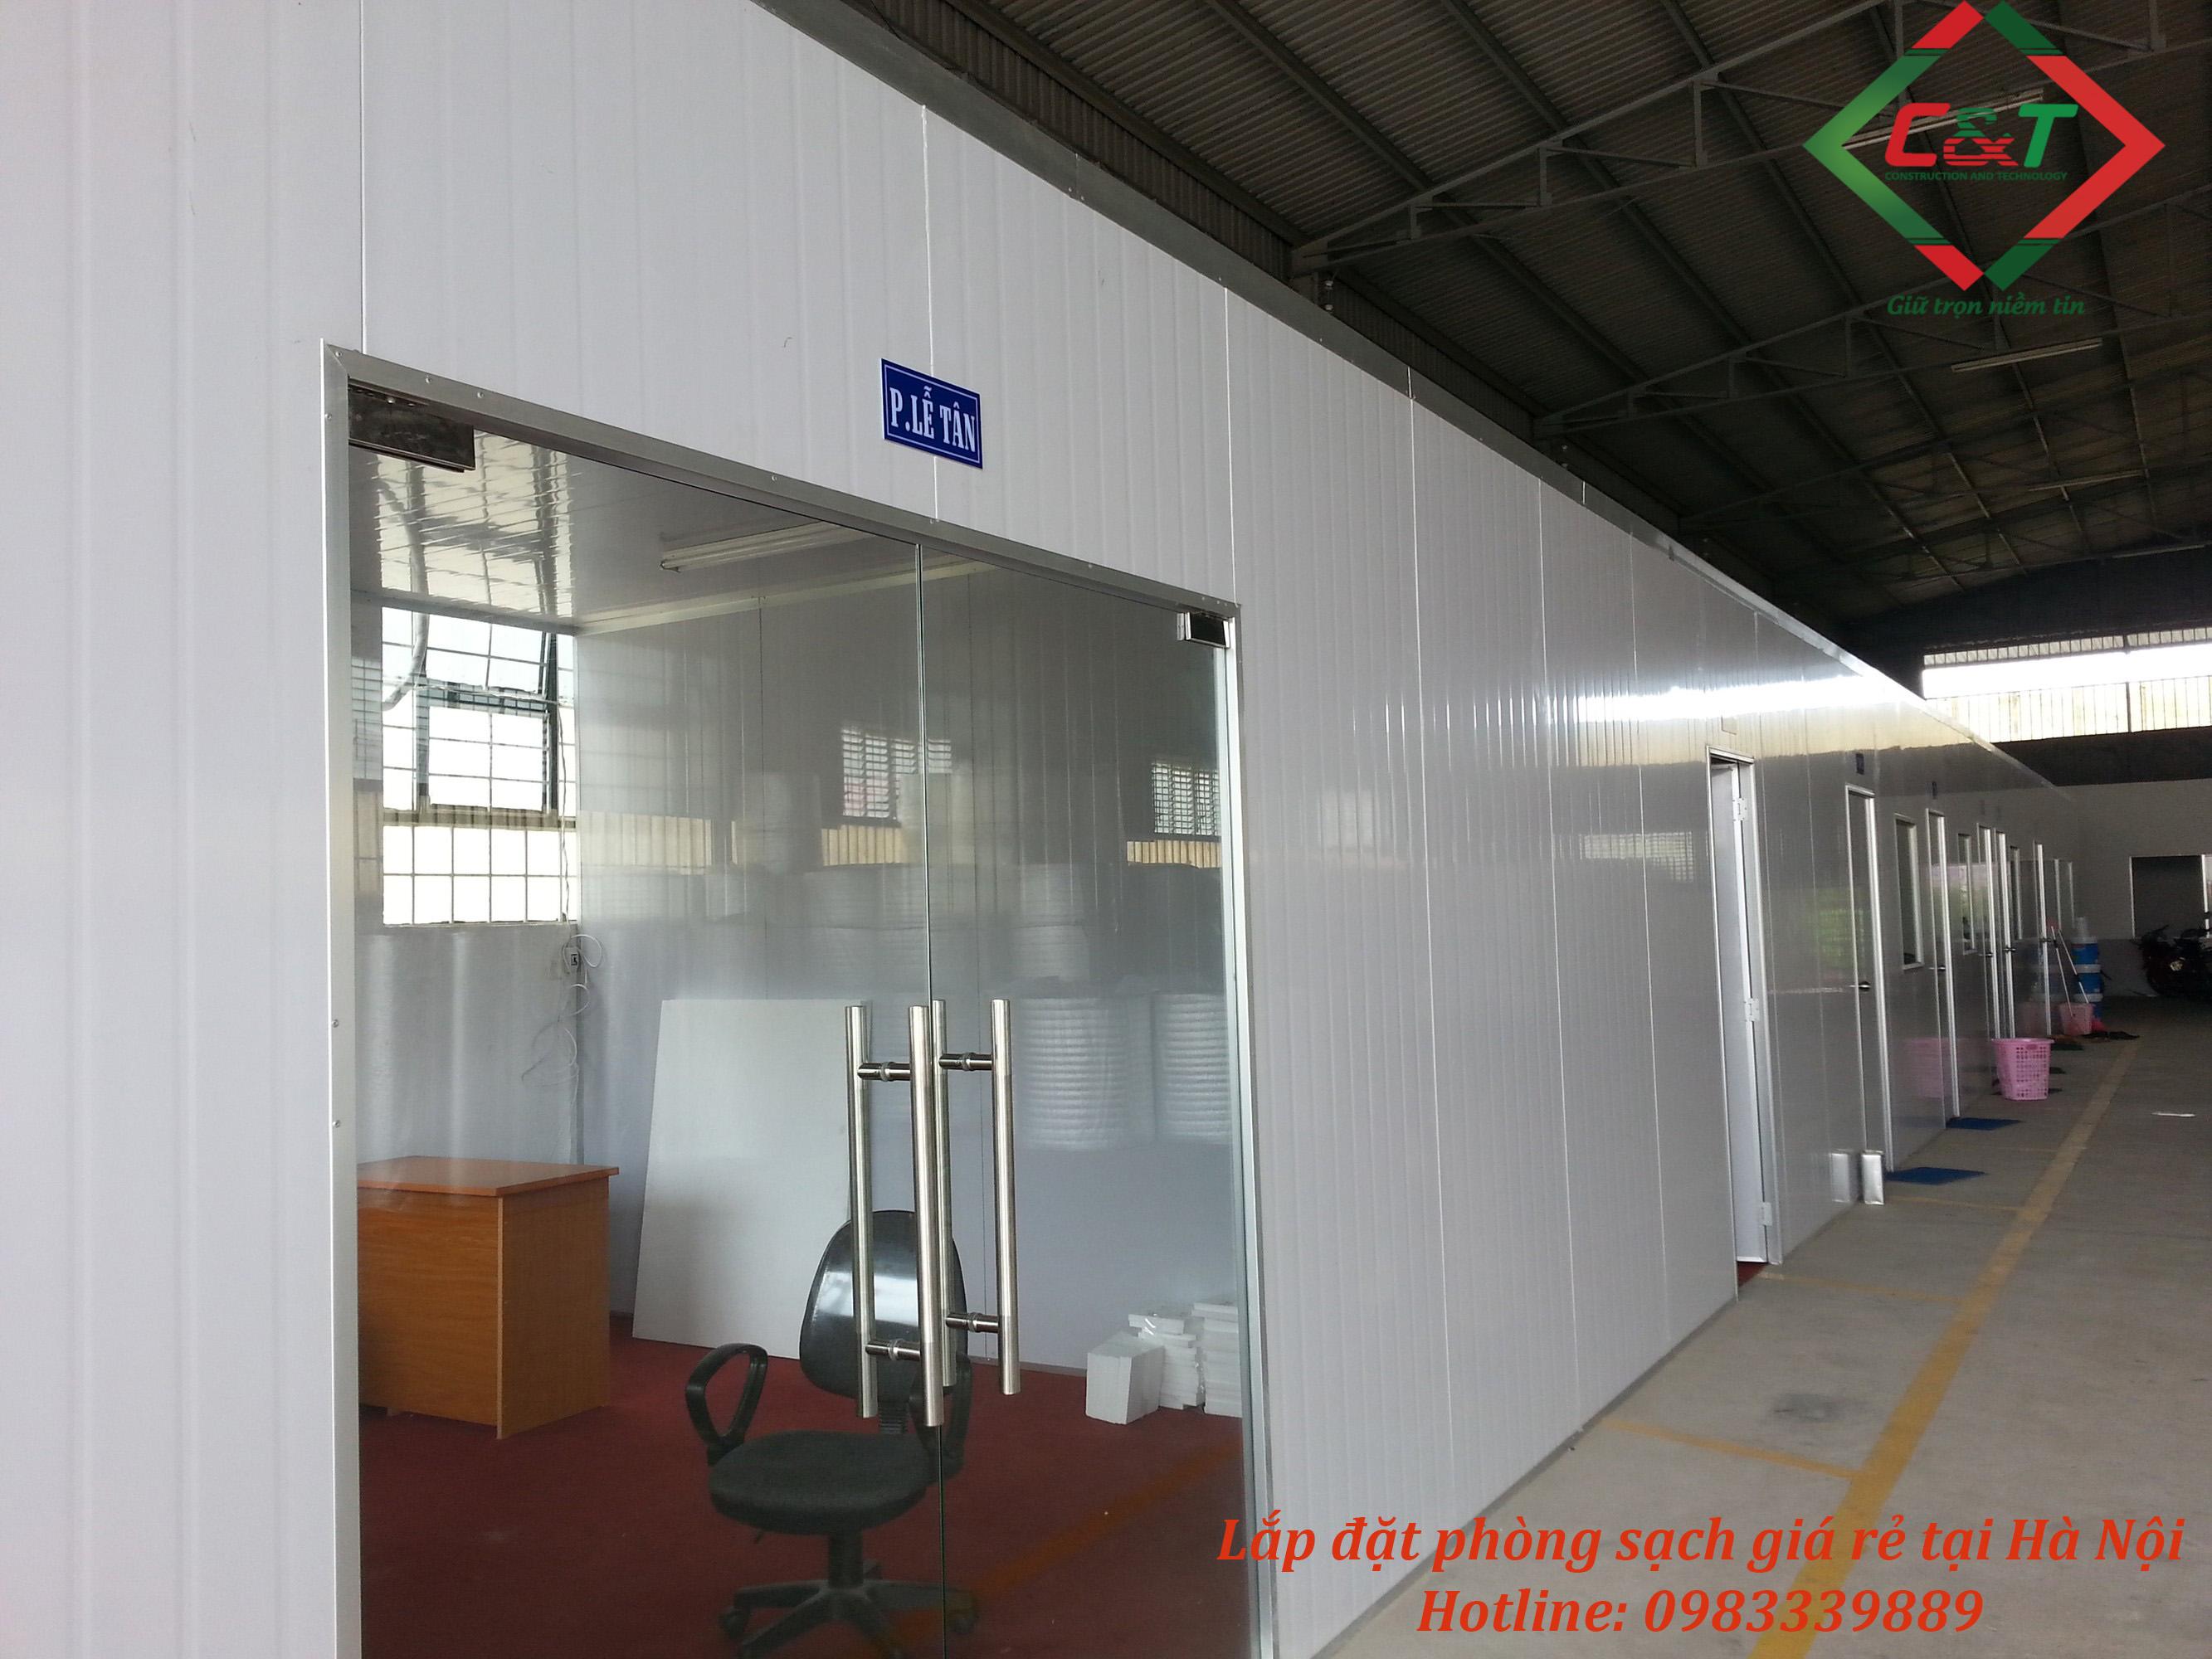 Lắp đặt phòng sạch uy tín tại Hà Nội